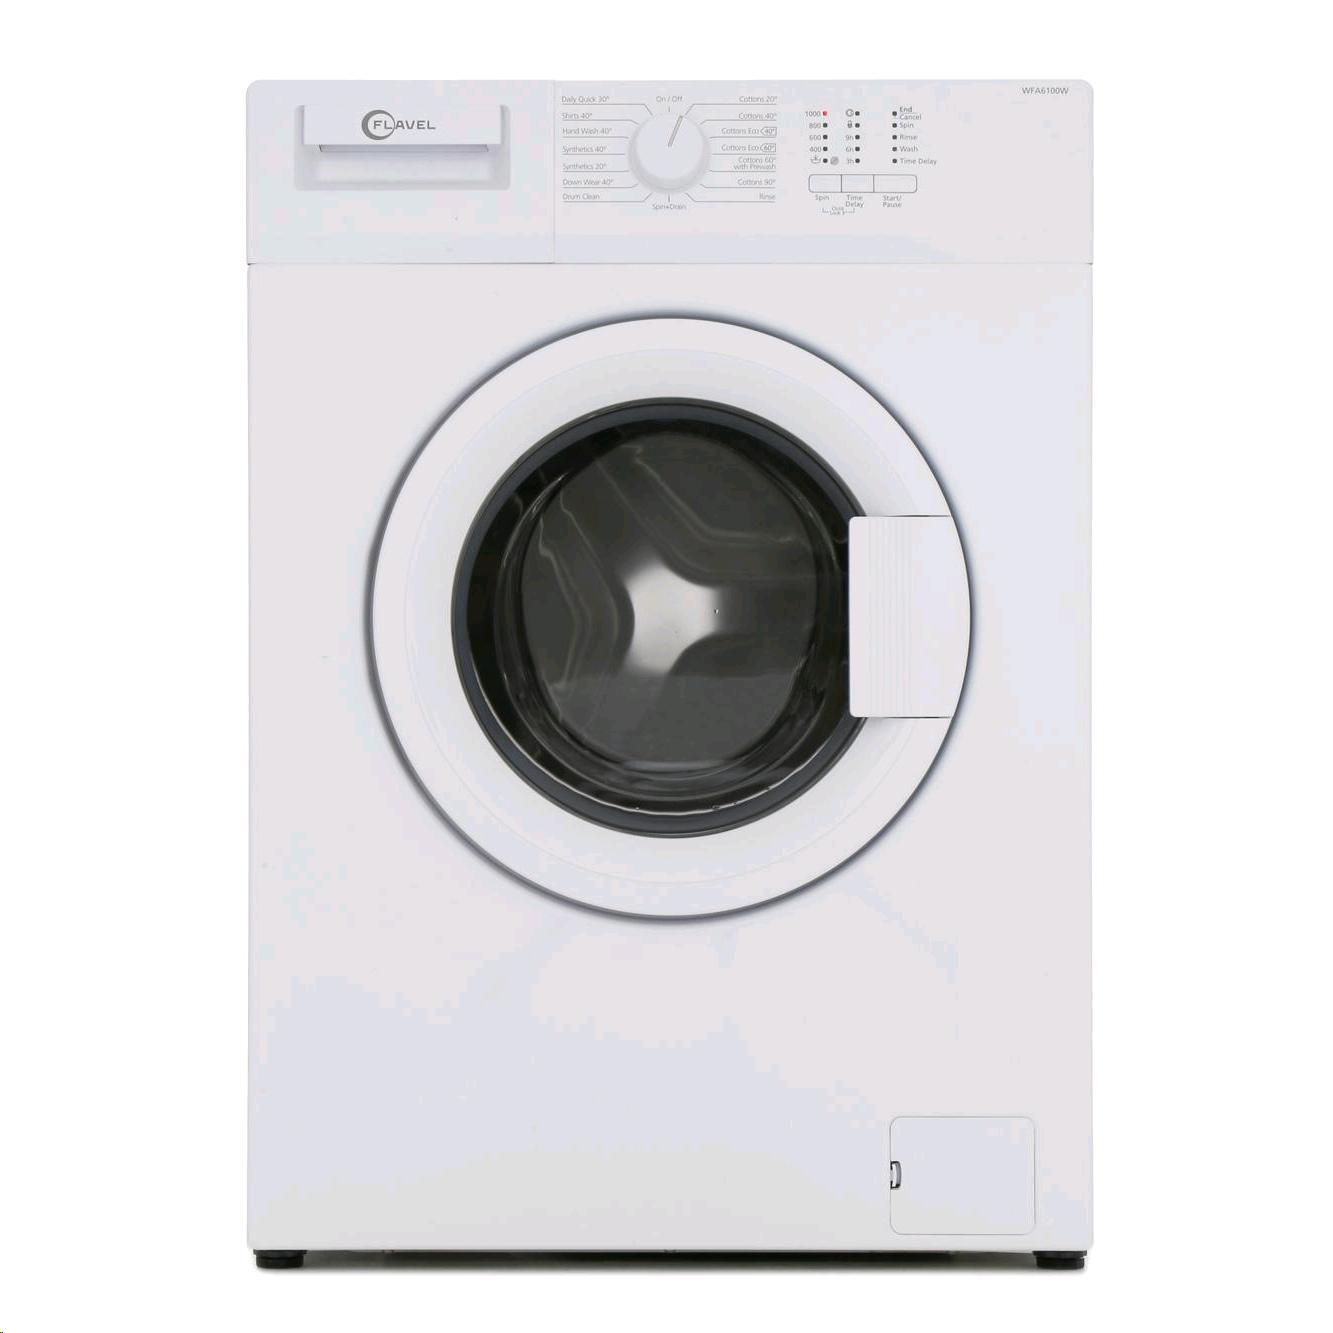 Flavel Washing Machine 6kg 1000 Spin Speed A++